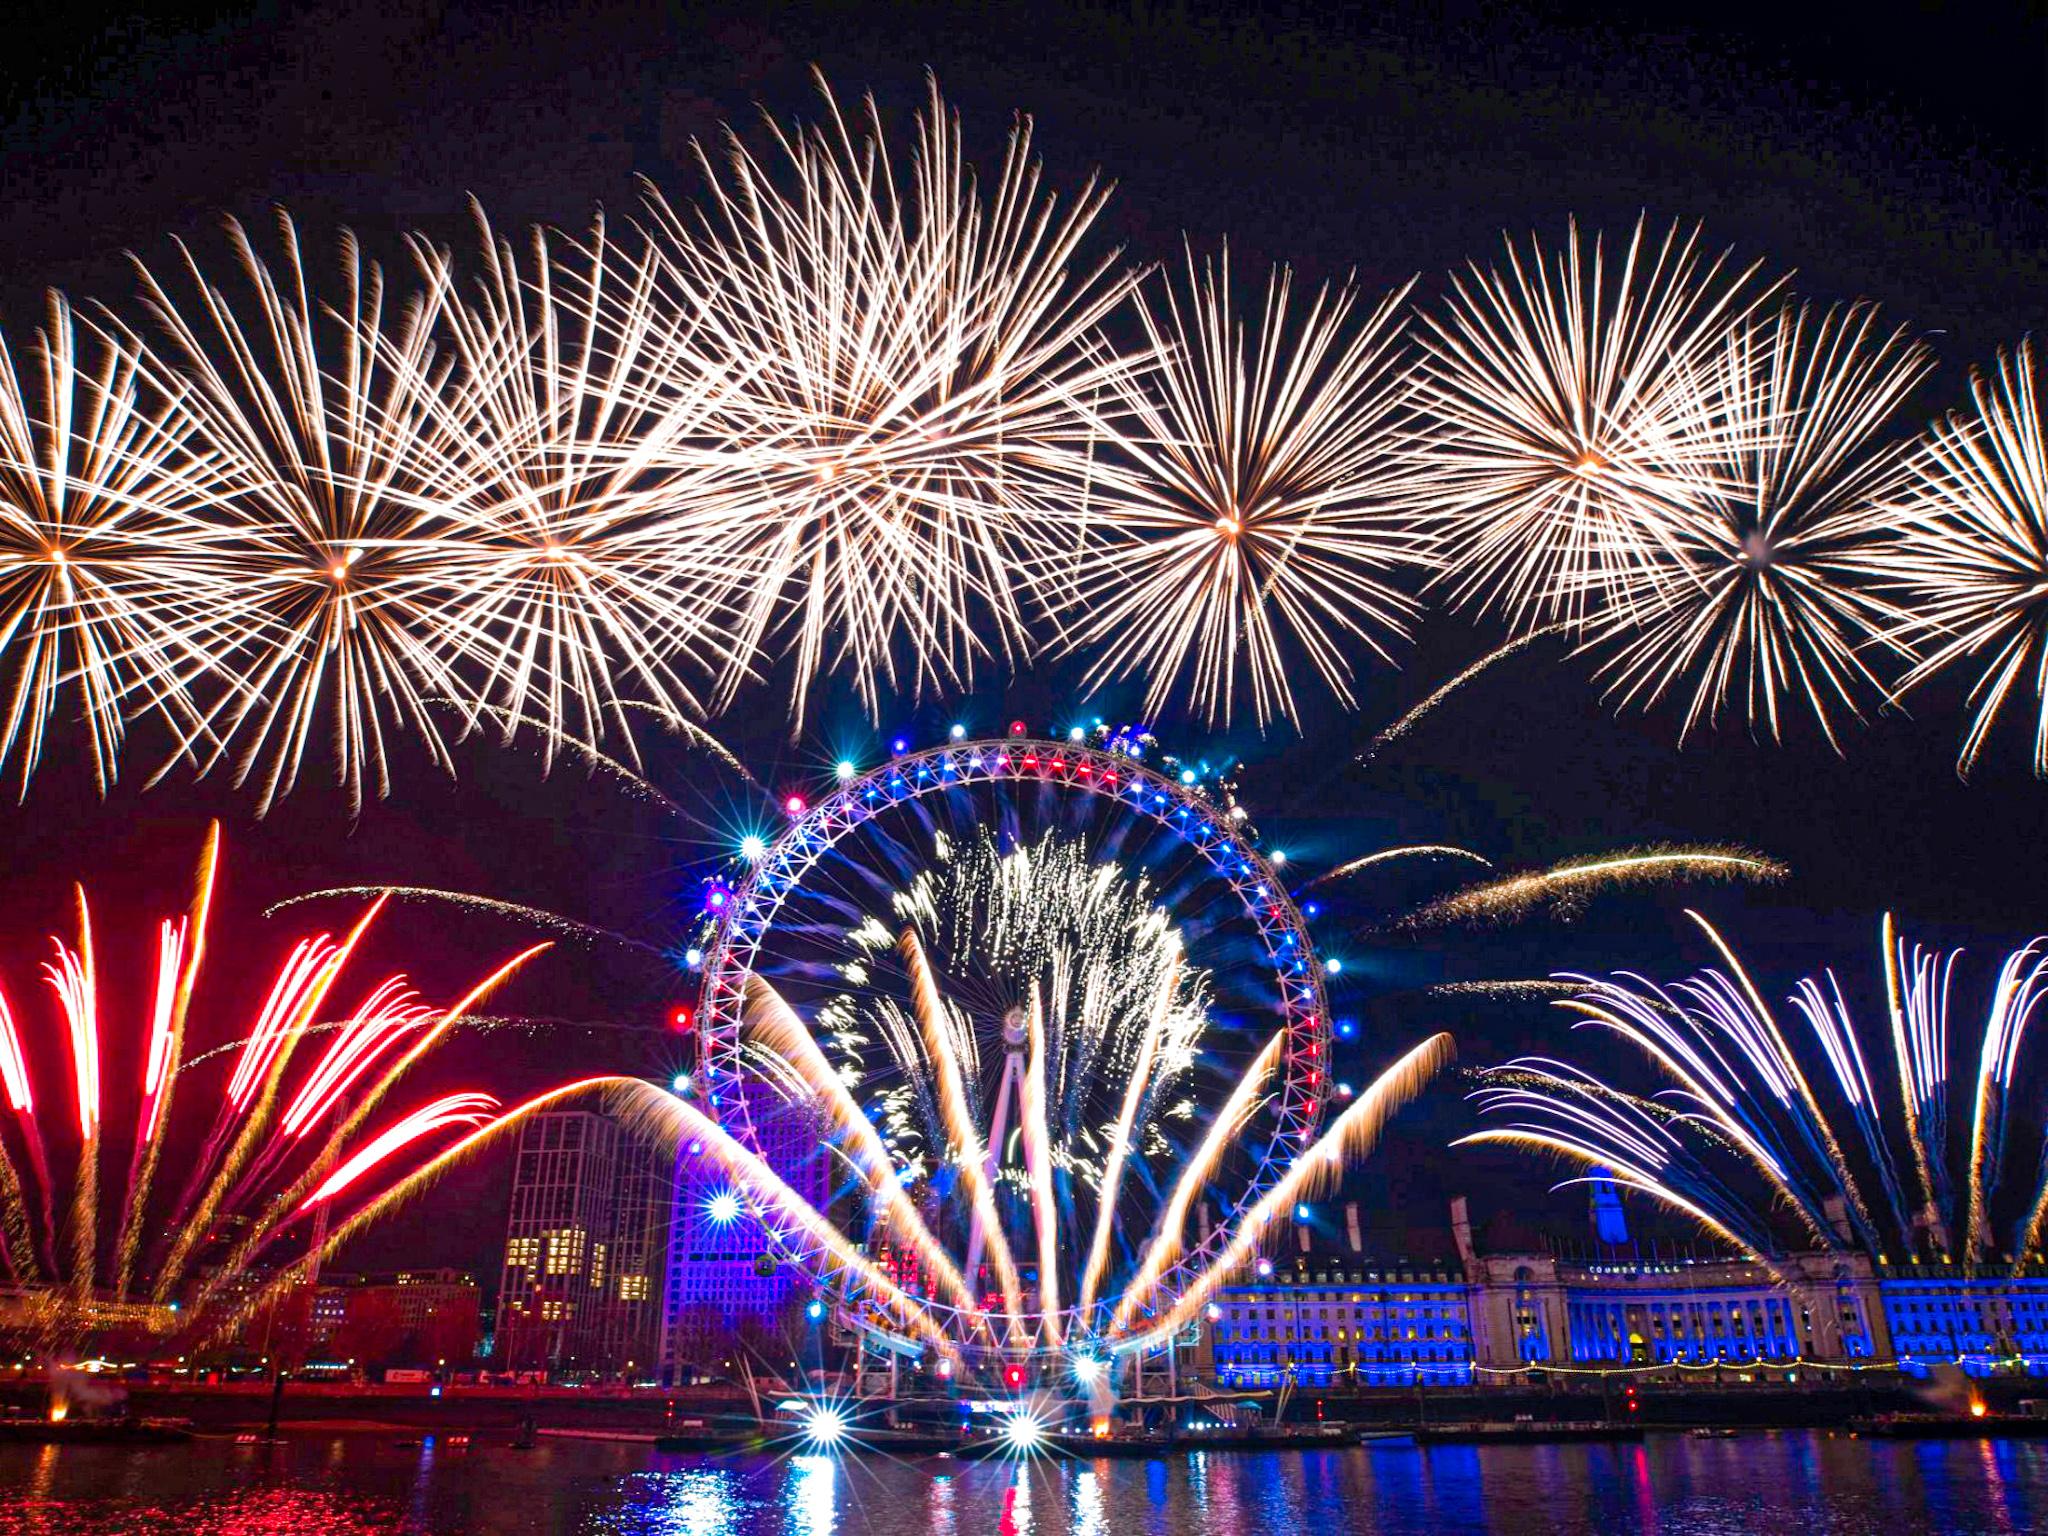 Cómo se celebra la navidad en Londres: los fuegos artificiales de Fin de año